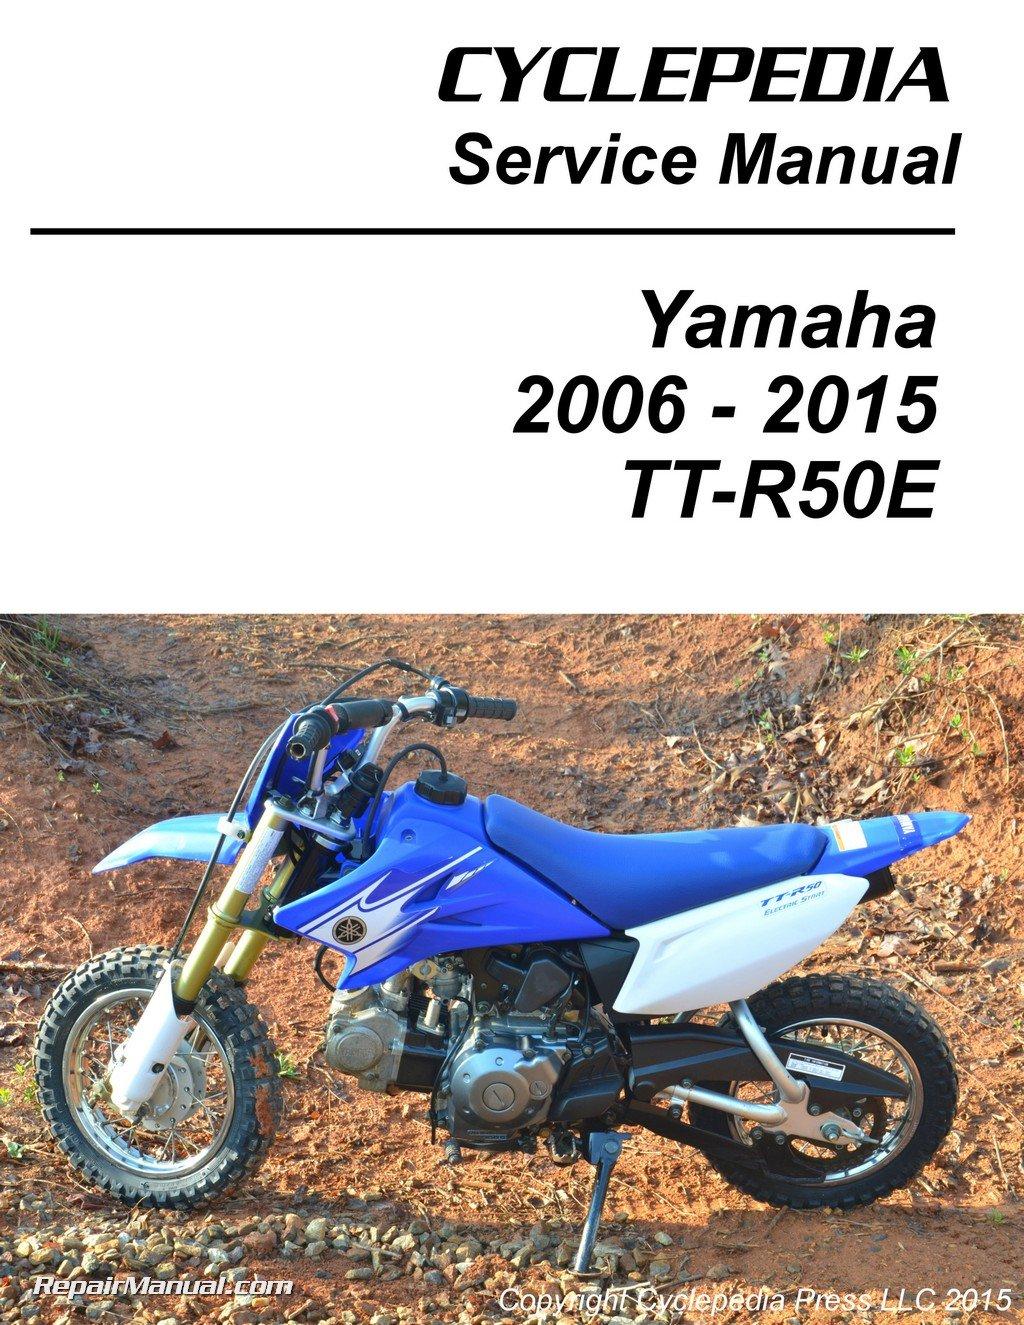 Yamaha Ttr50 Rear Tire Diagram Auto Electrical Wiring Diagram \u2022 Yamaha TTR  50 Battery Location Yamaha Ttr50 Engine Diagram